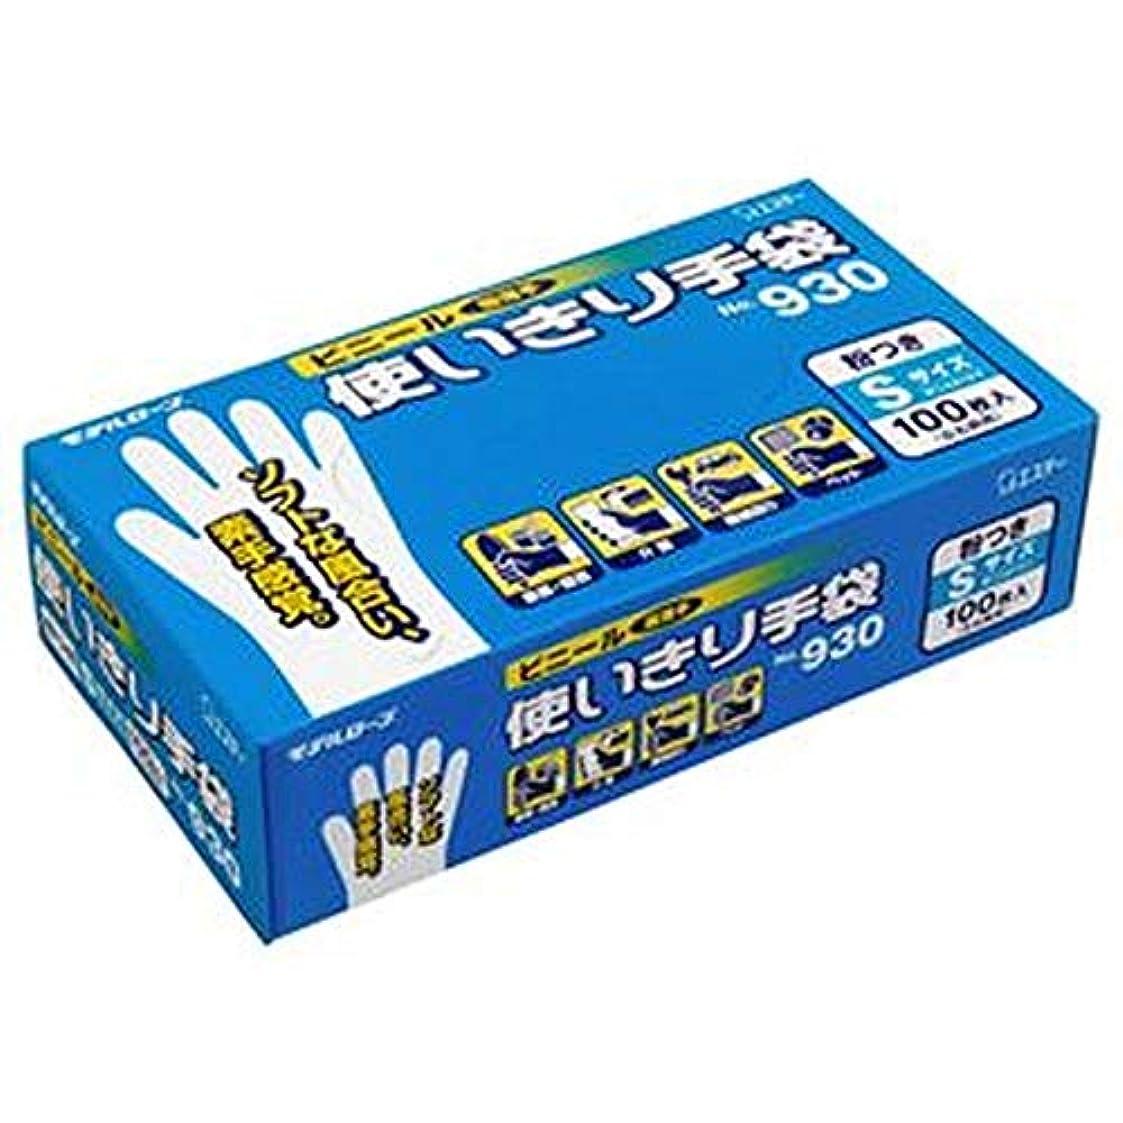 資格情報才能のあるすぐに- まとめ - / エステー/No.930 / ビニール使いきり手袋 - 粉付 - / S / 1箱 - 100枚 - / - ×5セット -